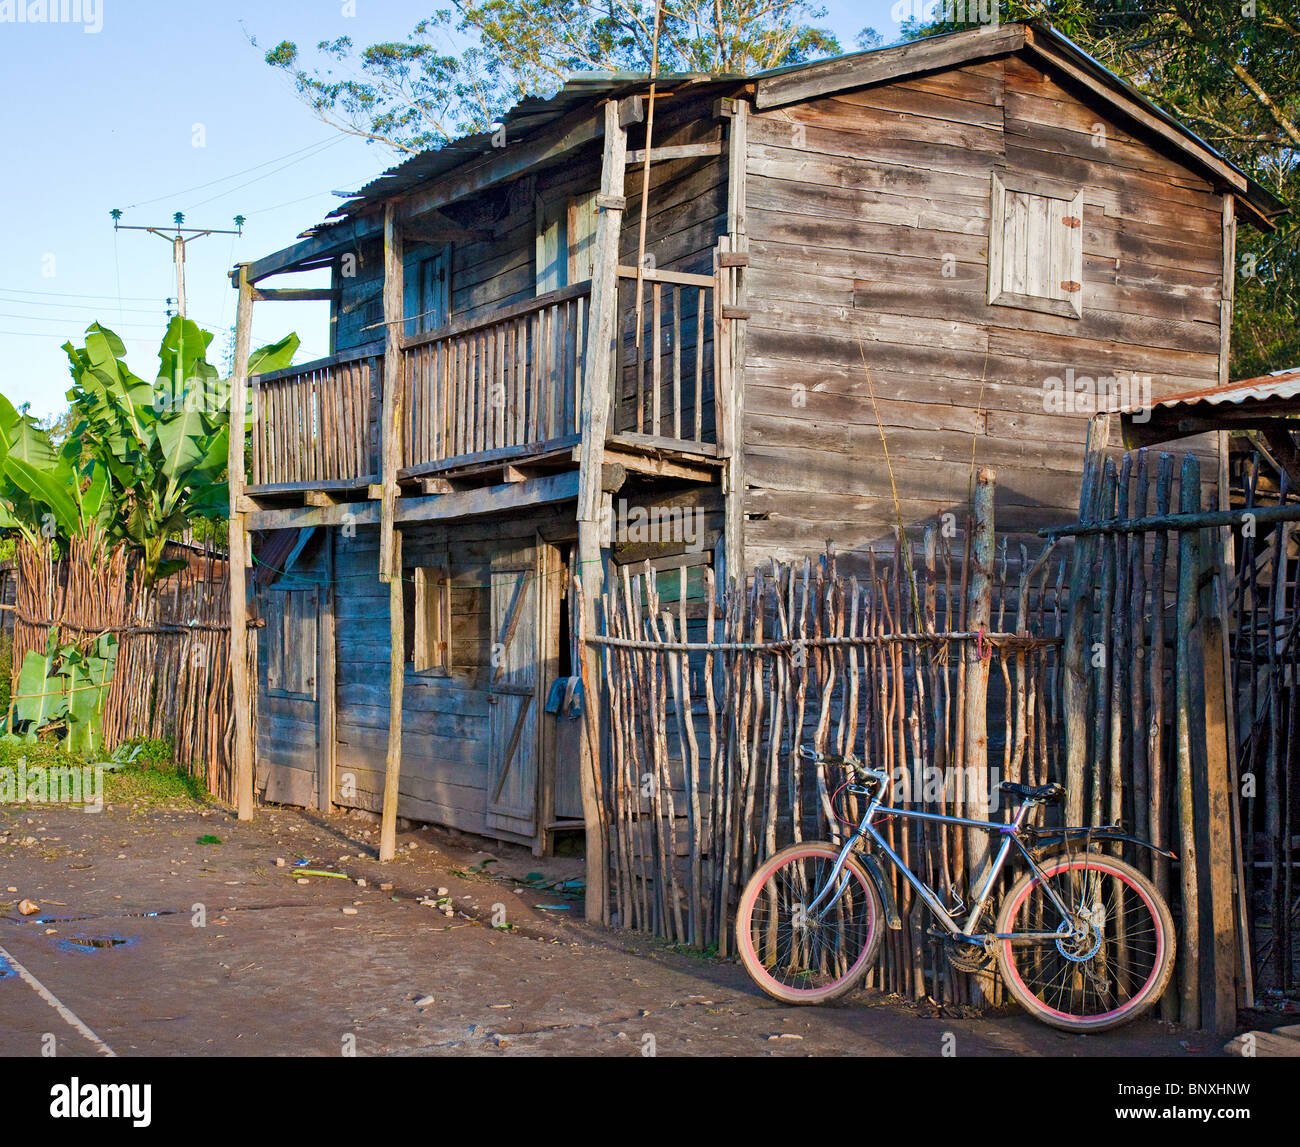 Una Casa De Madera De Dos Pisos Con Balcones En Andisabe Village En